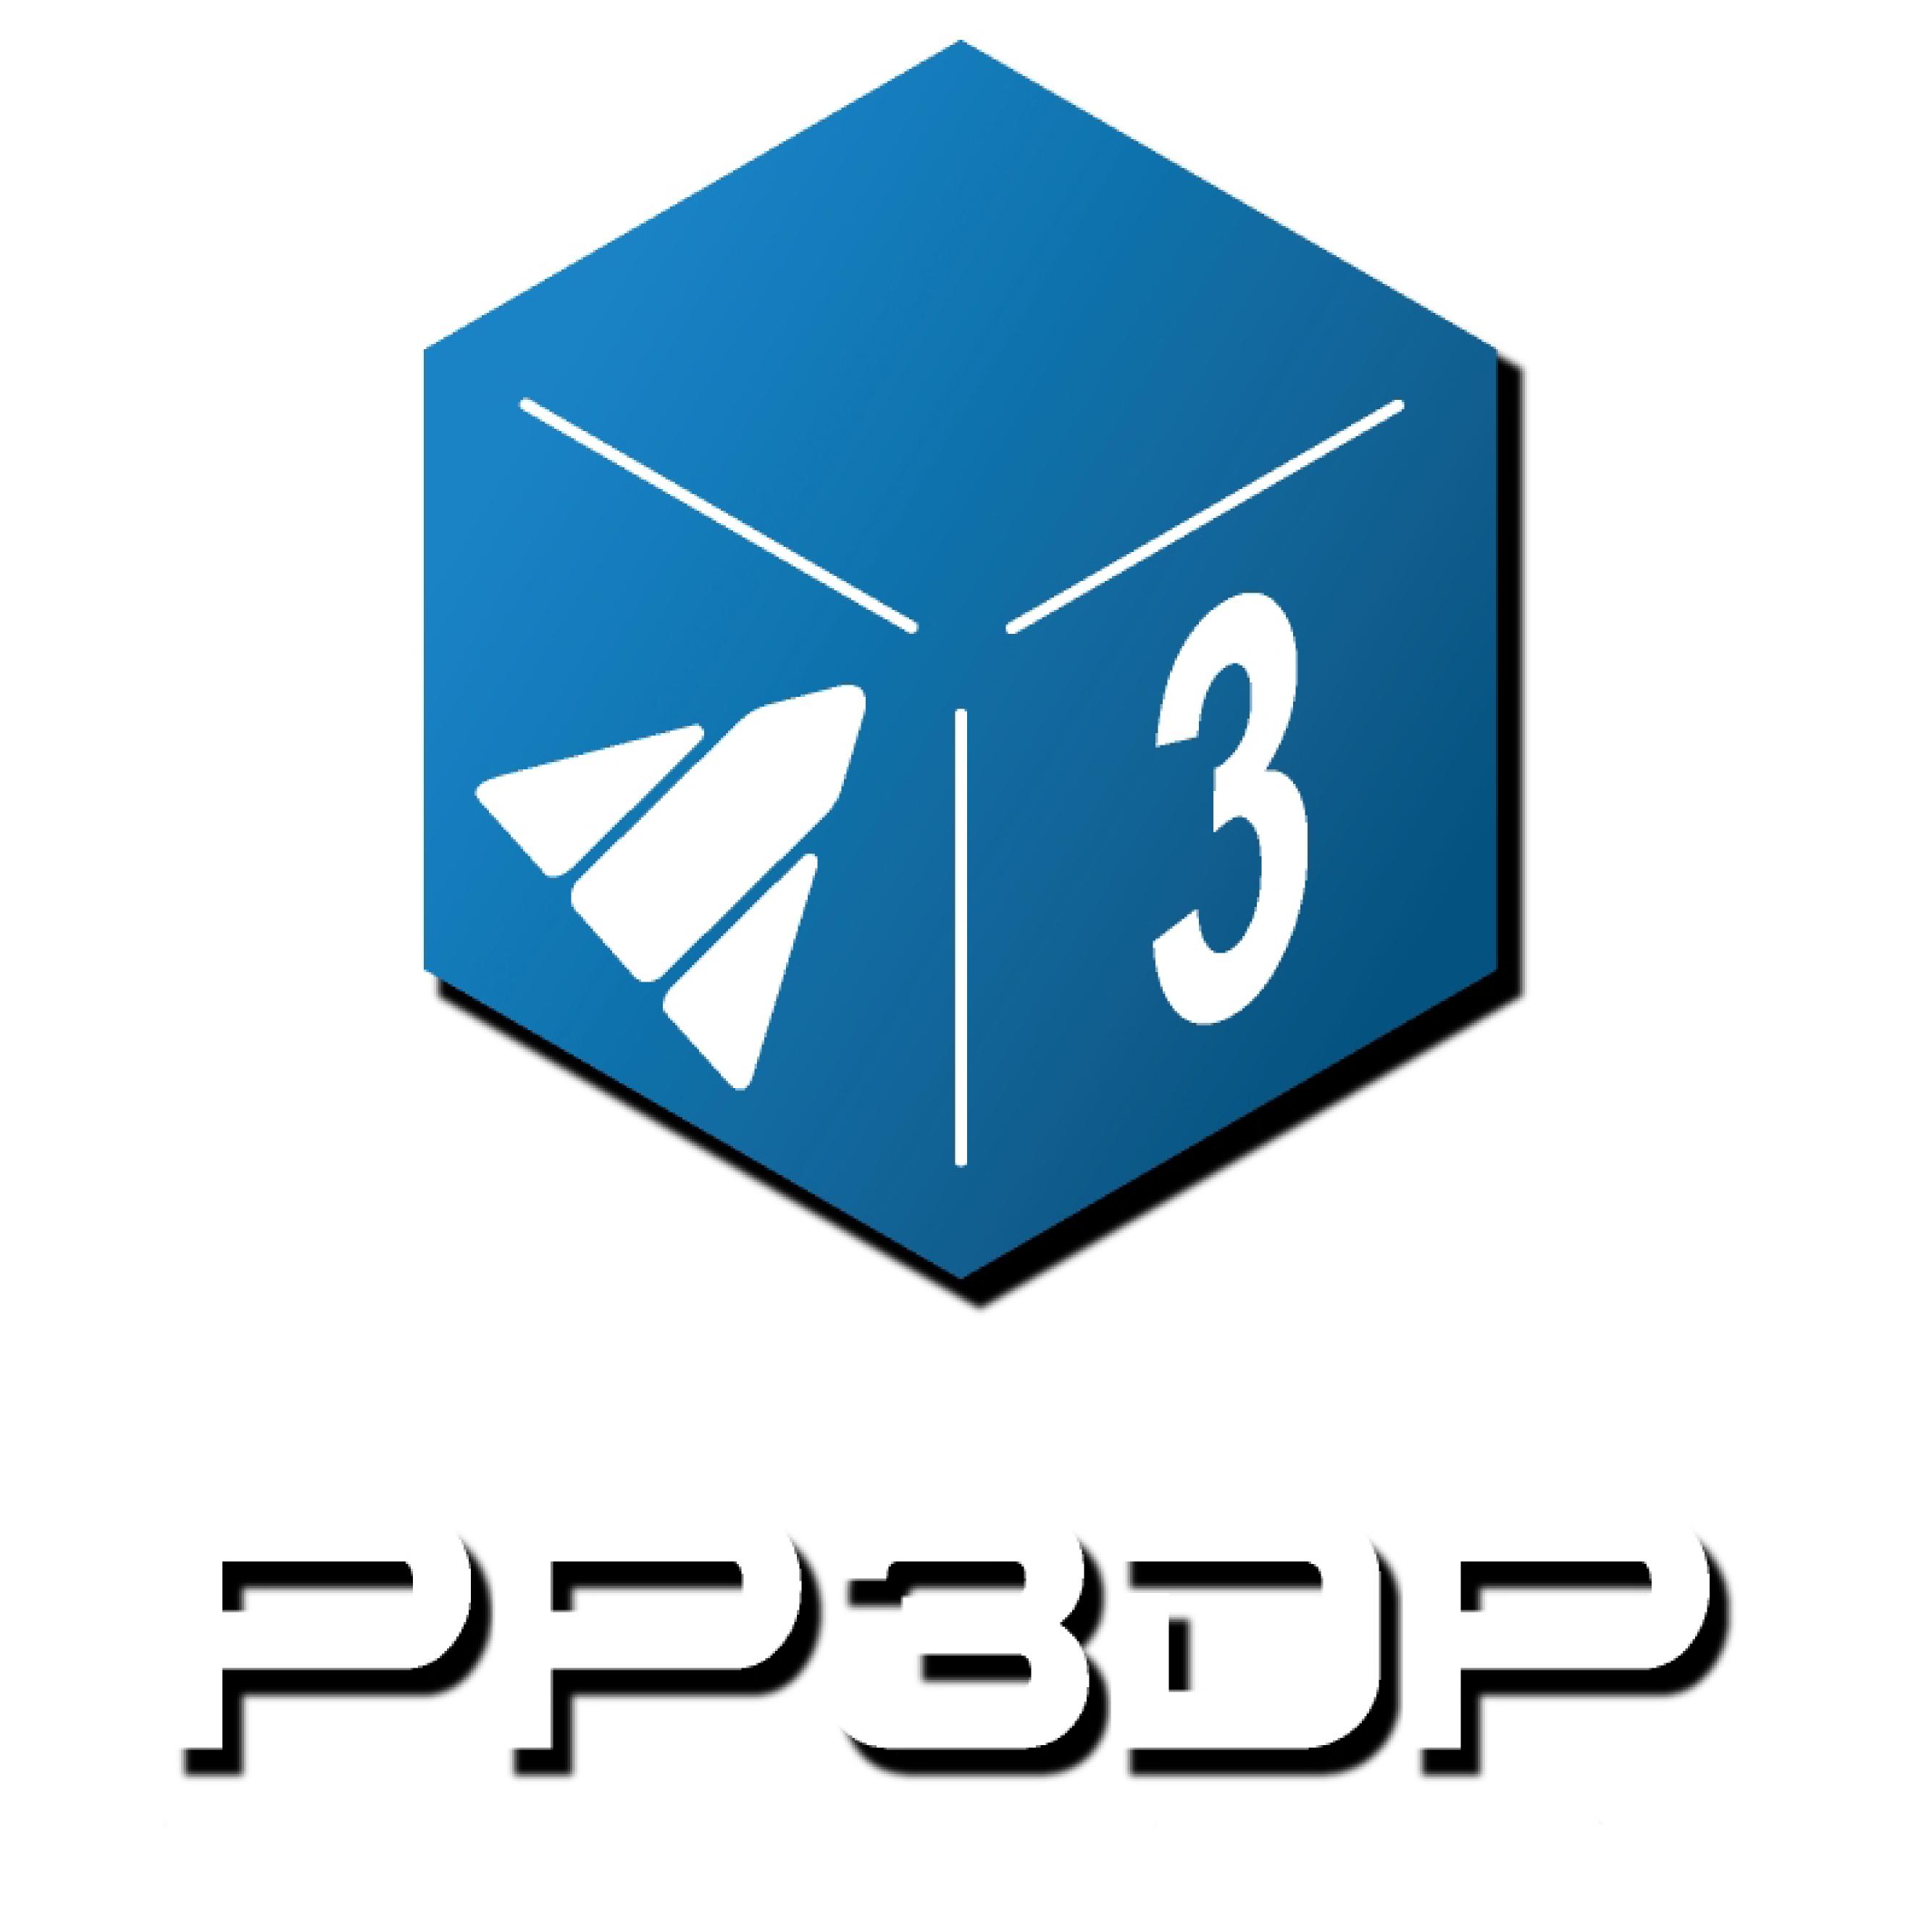 PP3DP logo